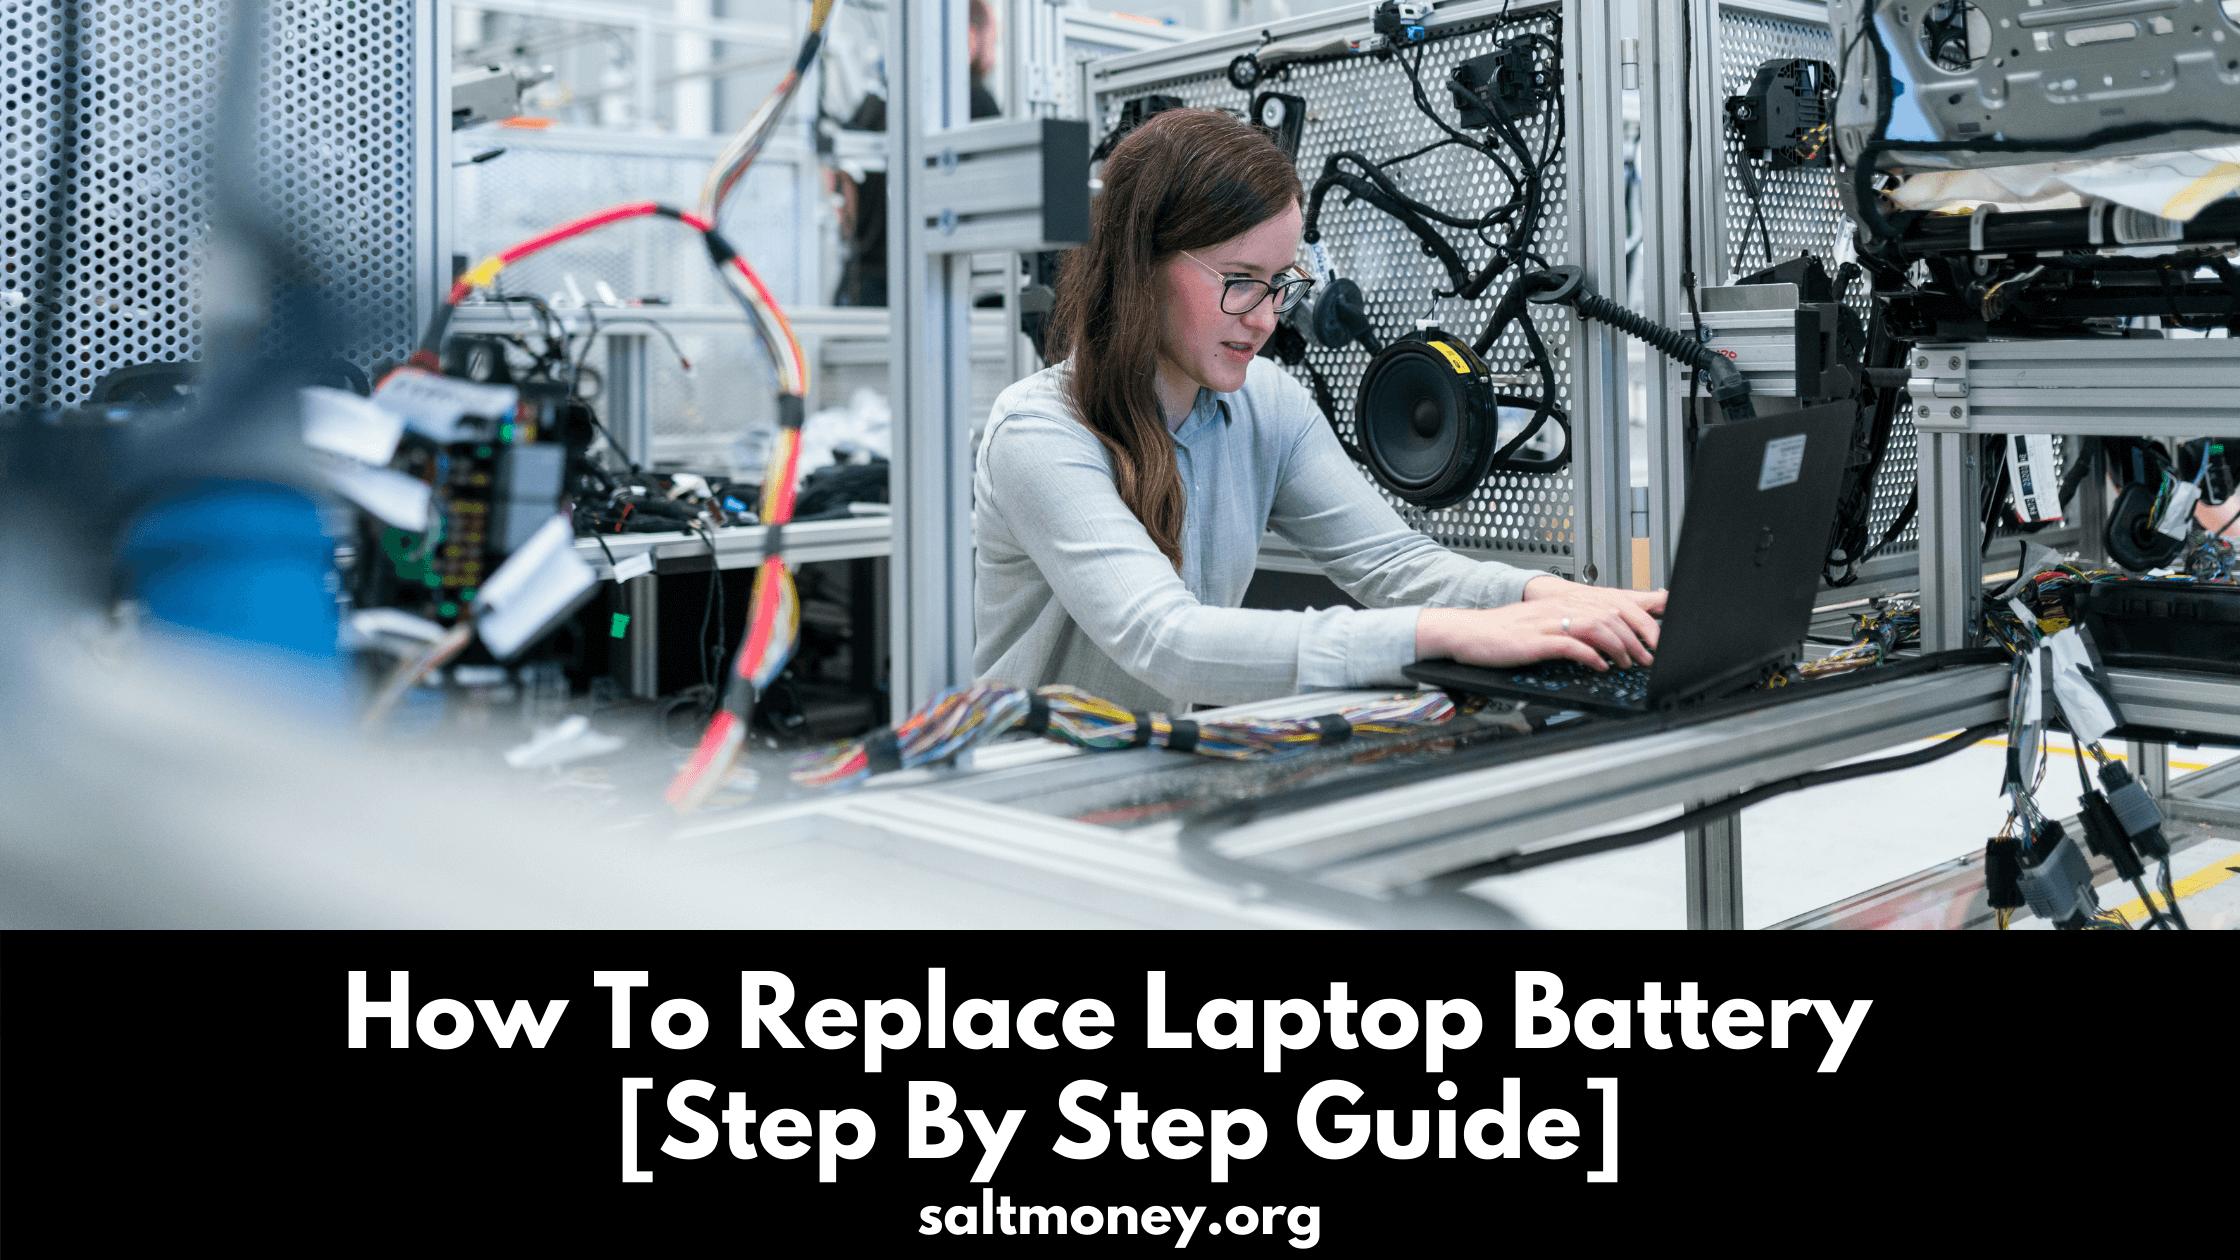 Comment remplacer la batterie d'un ordinateur portable [Guide étape par étape]